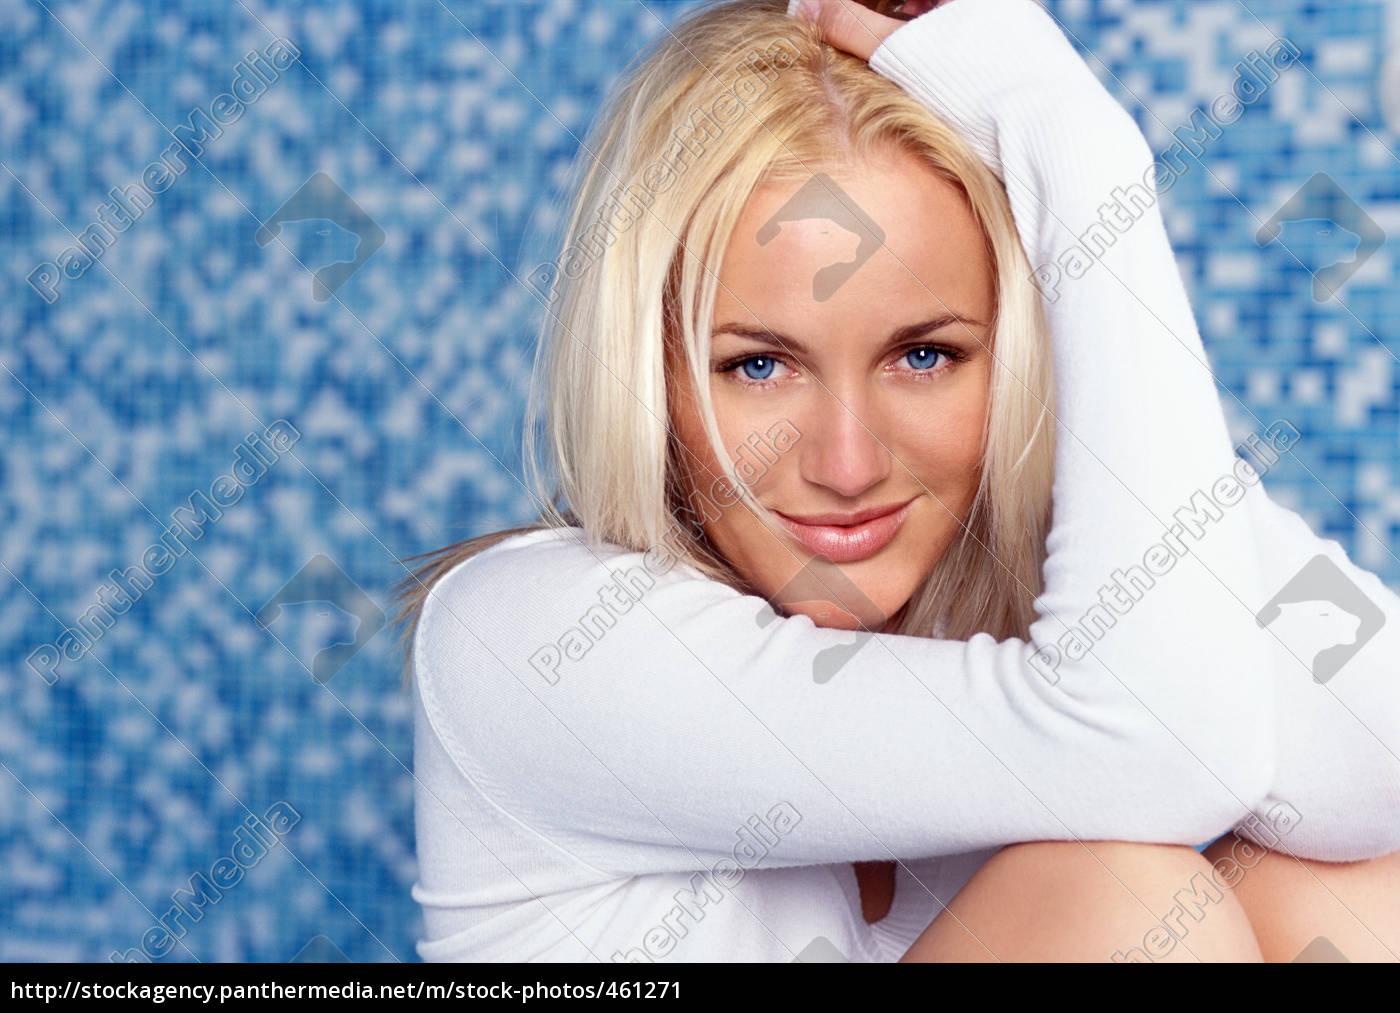 natural, beauty41 - 461271